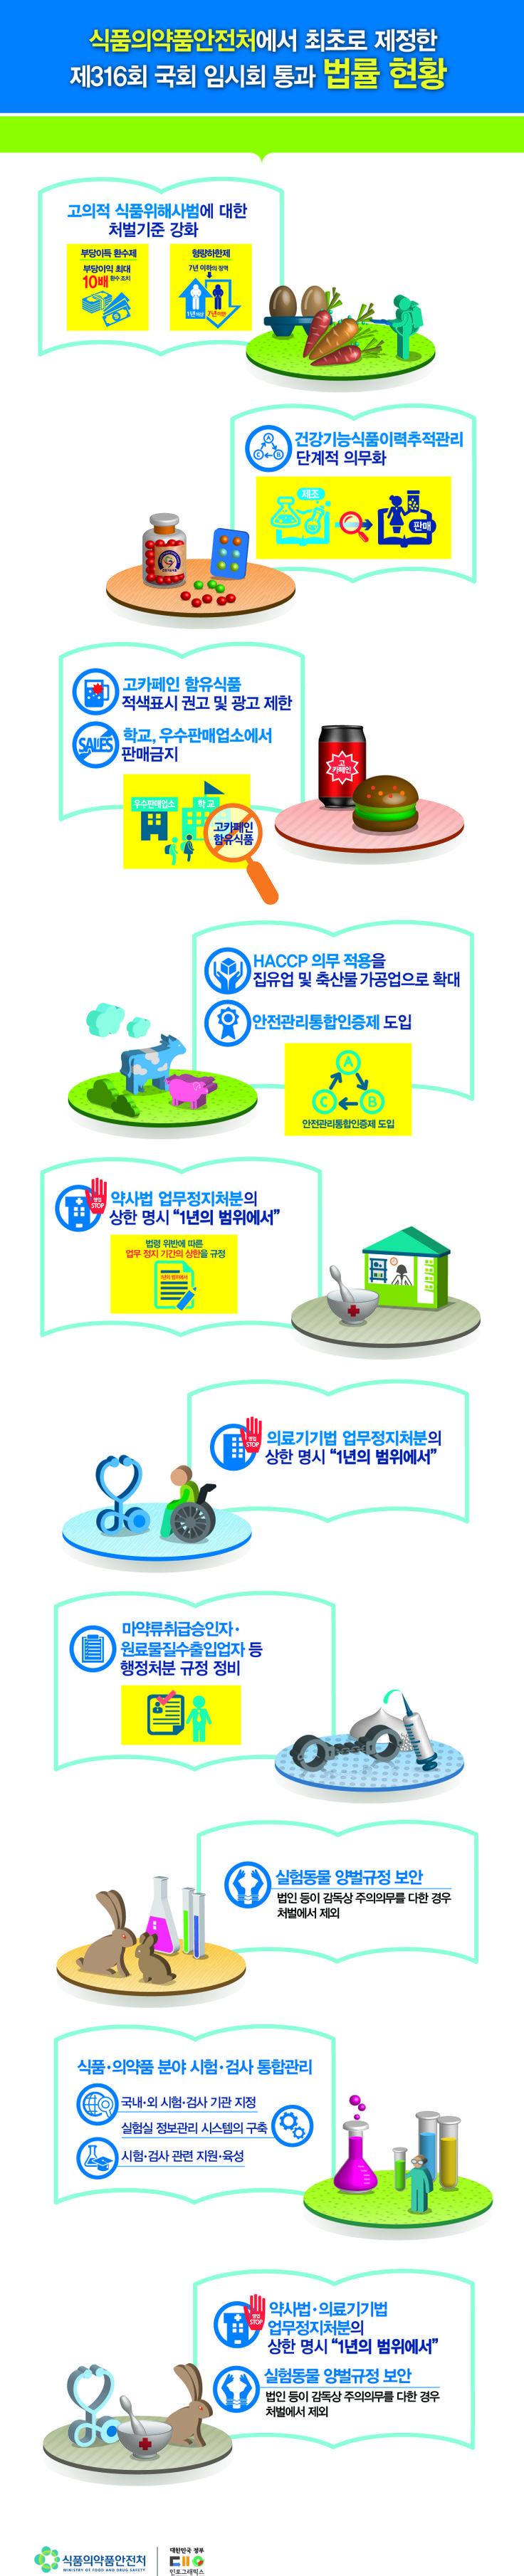 제316회 국회 임시회 통과 법률현황